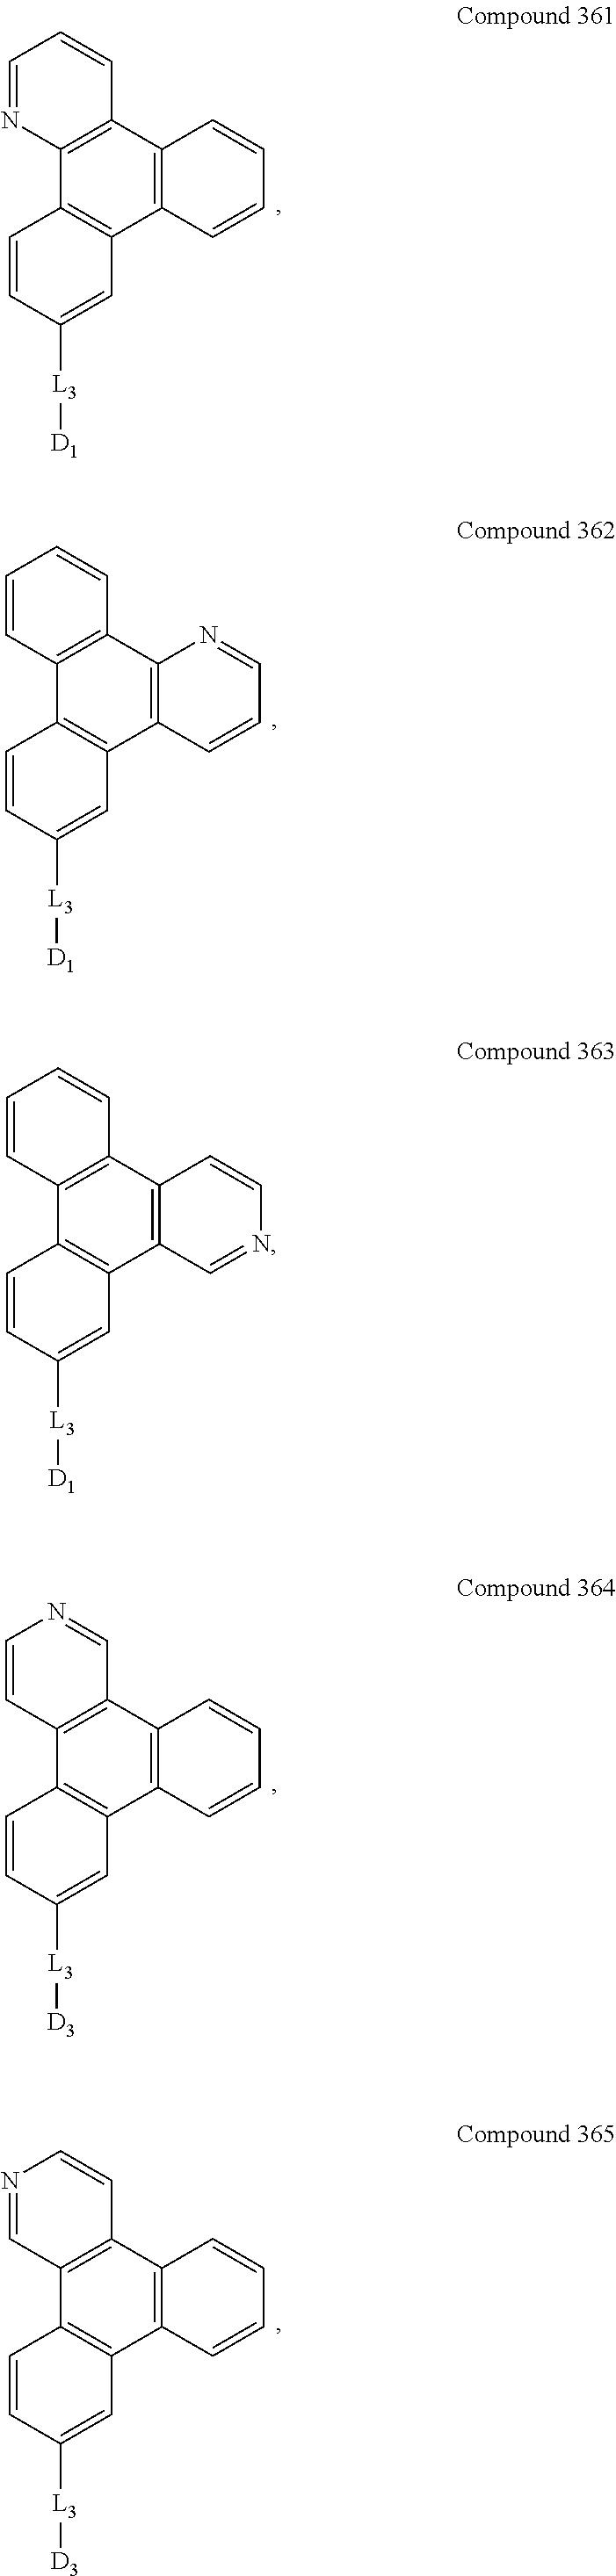 Figure US09537106-20170103-C00100